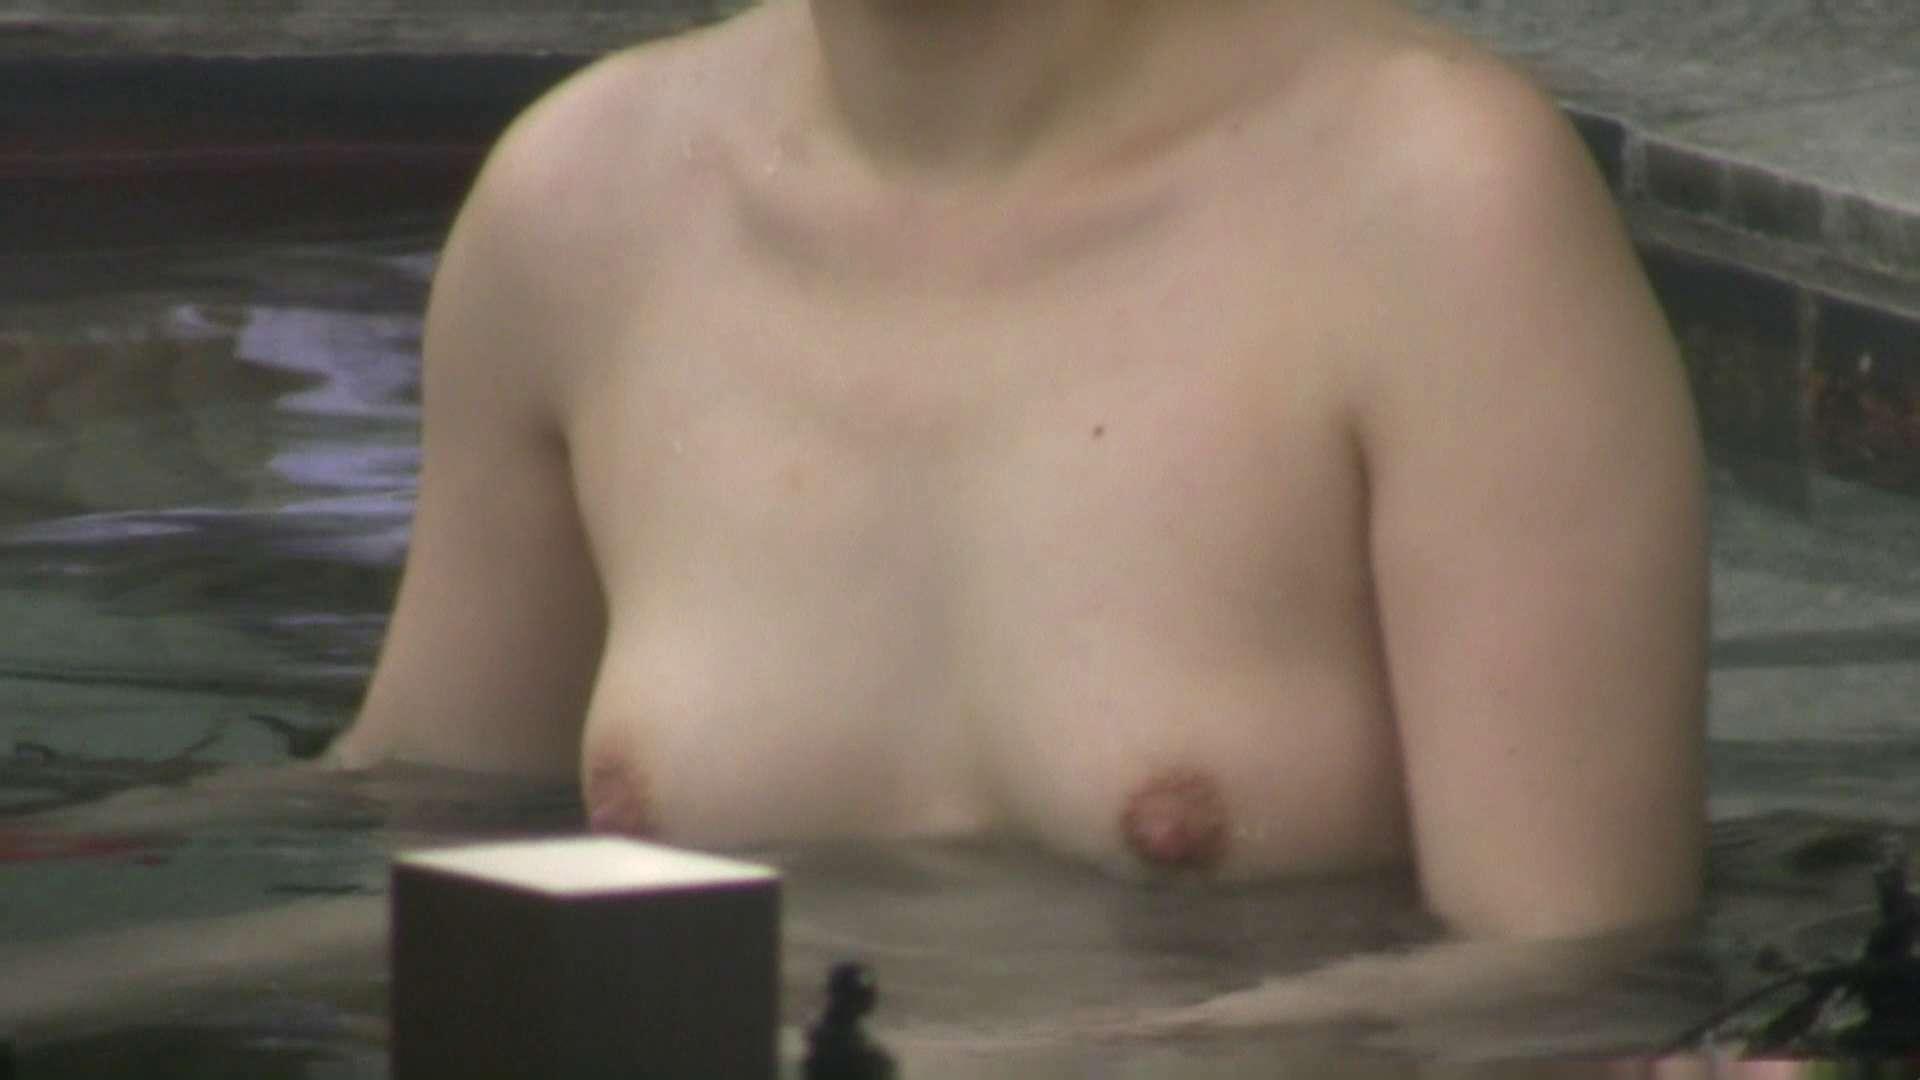 高画質露天女風呂観察 vol.037 OLのエロ生活 オメコ無修正動画無料 75連発 23